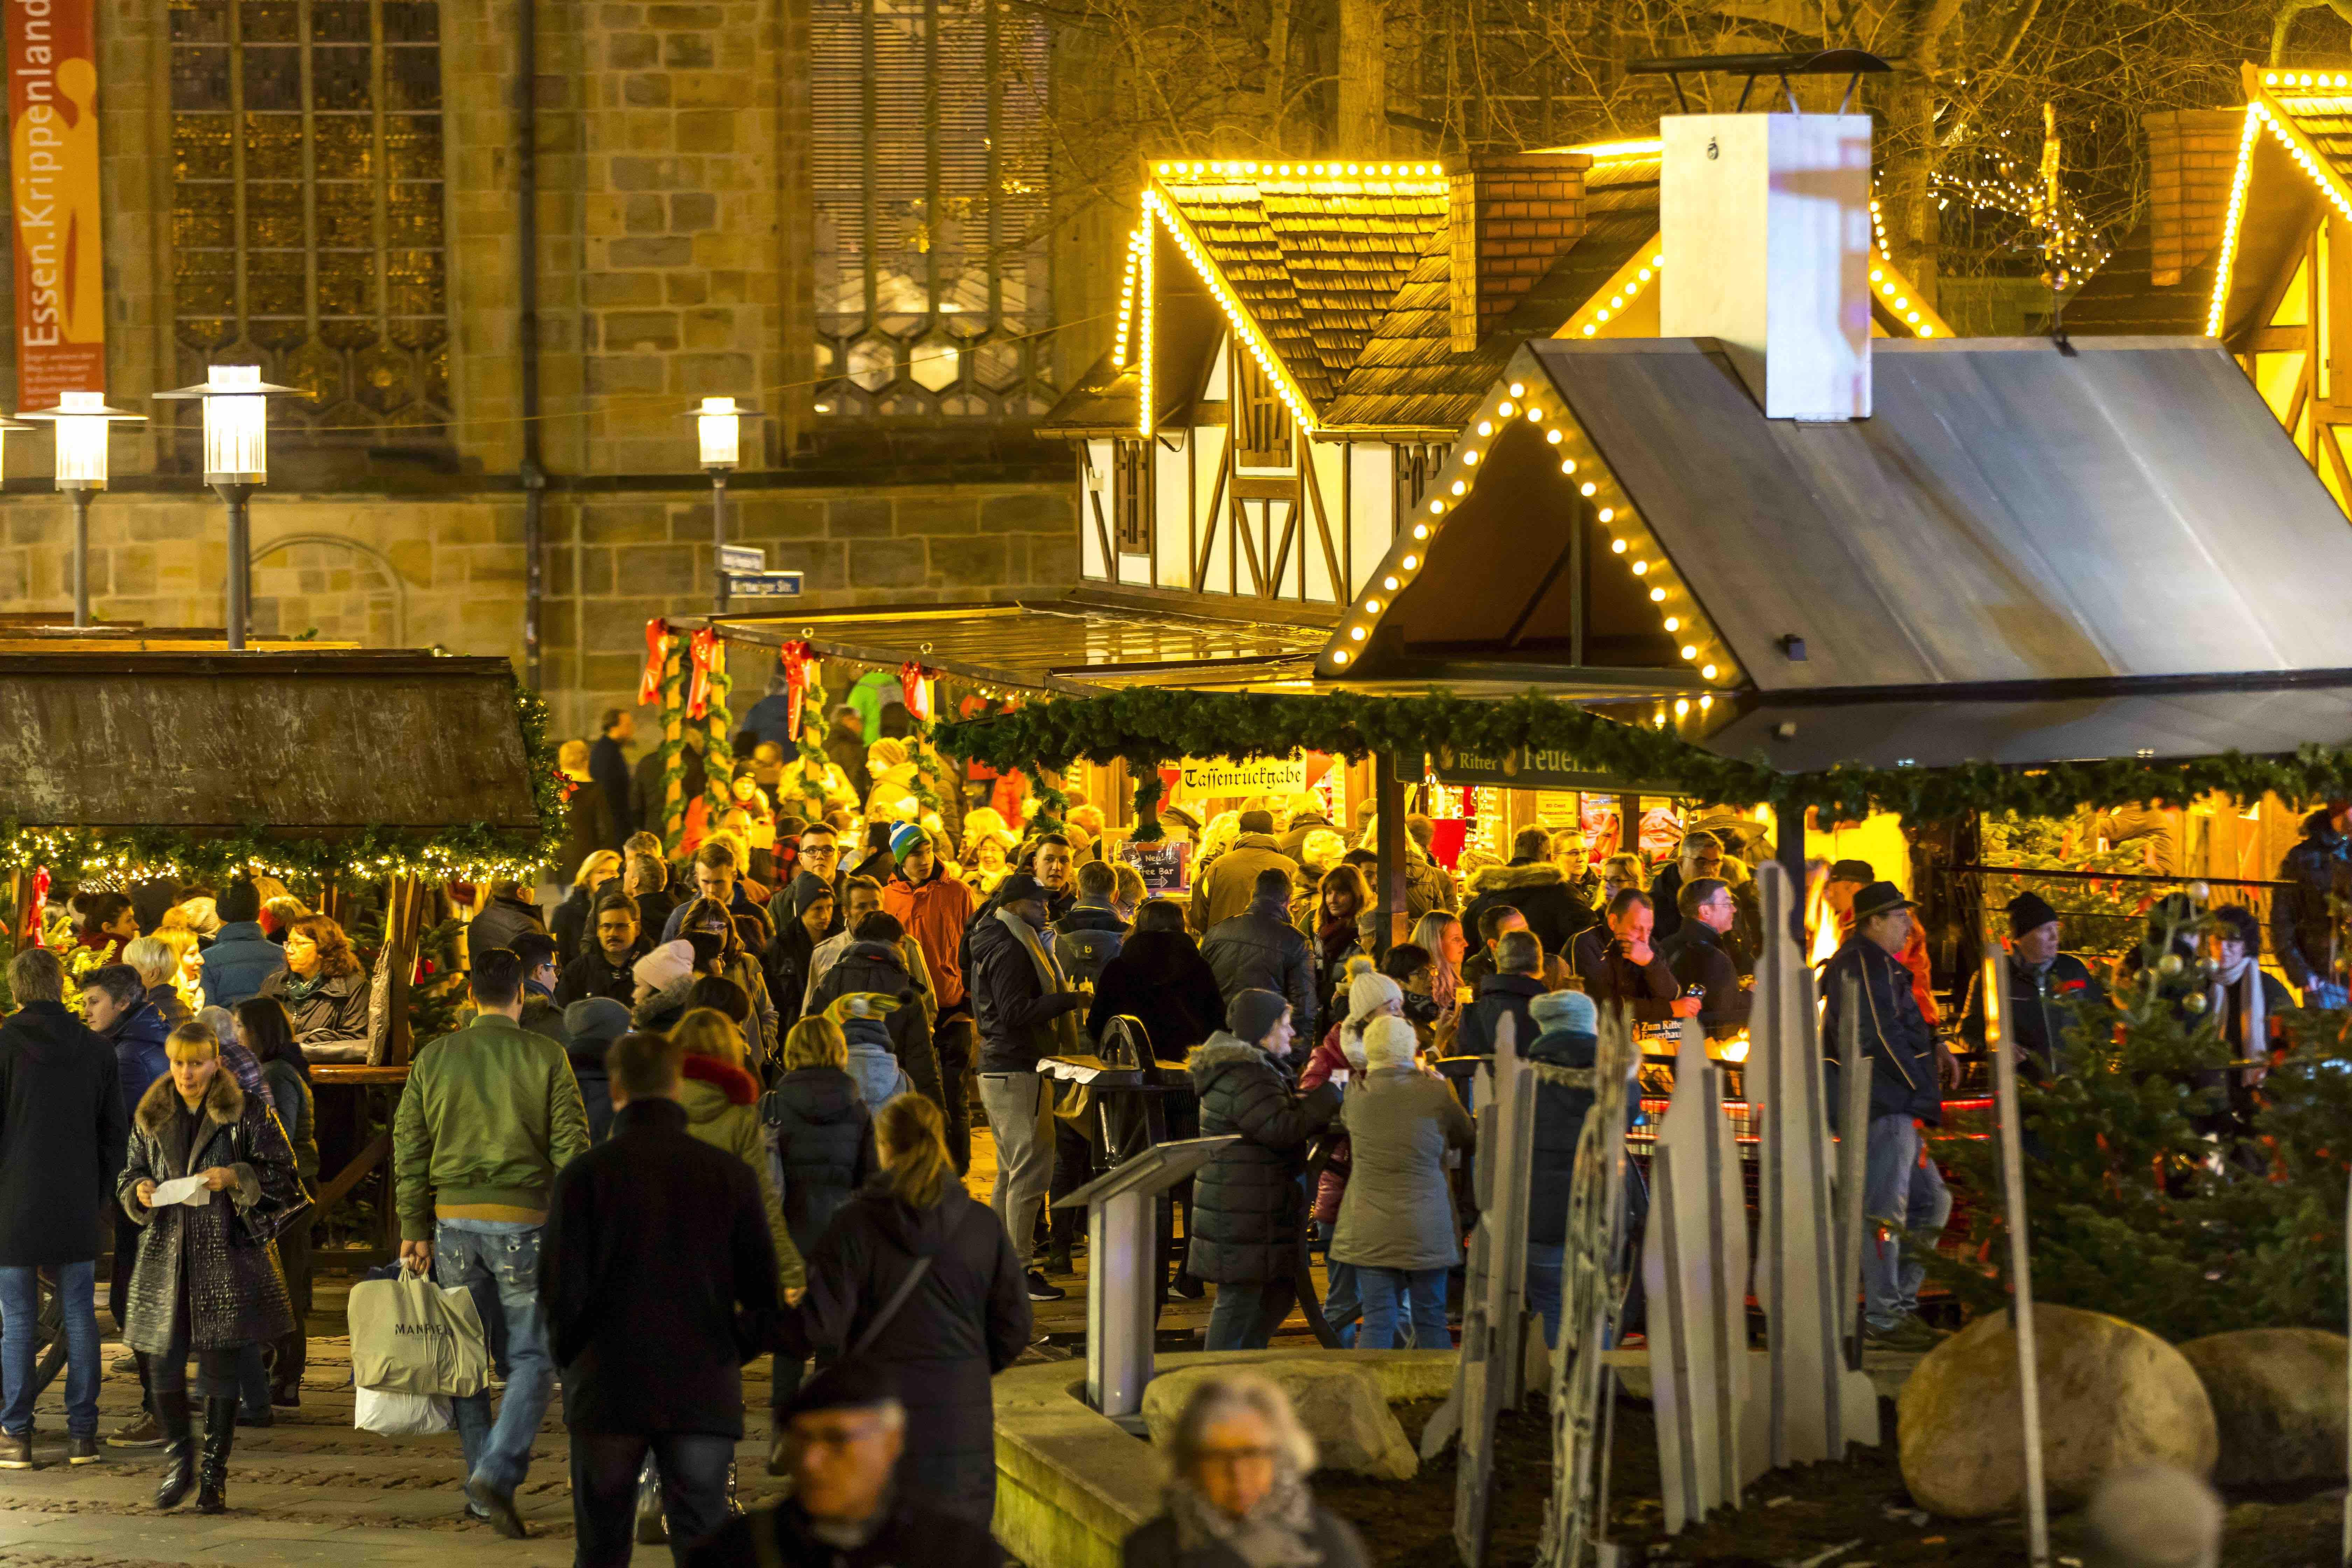 Weihnachtsmärkte und die Beleuchtung sorgen für mehr Leben in der Innenstadt - wie hier in Essen